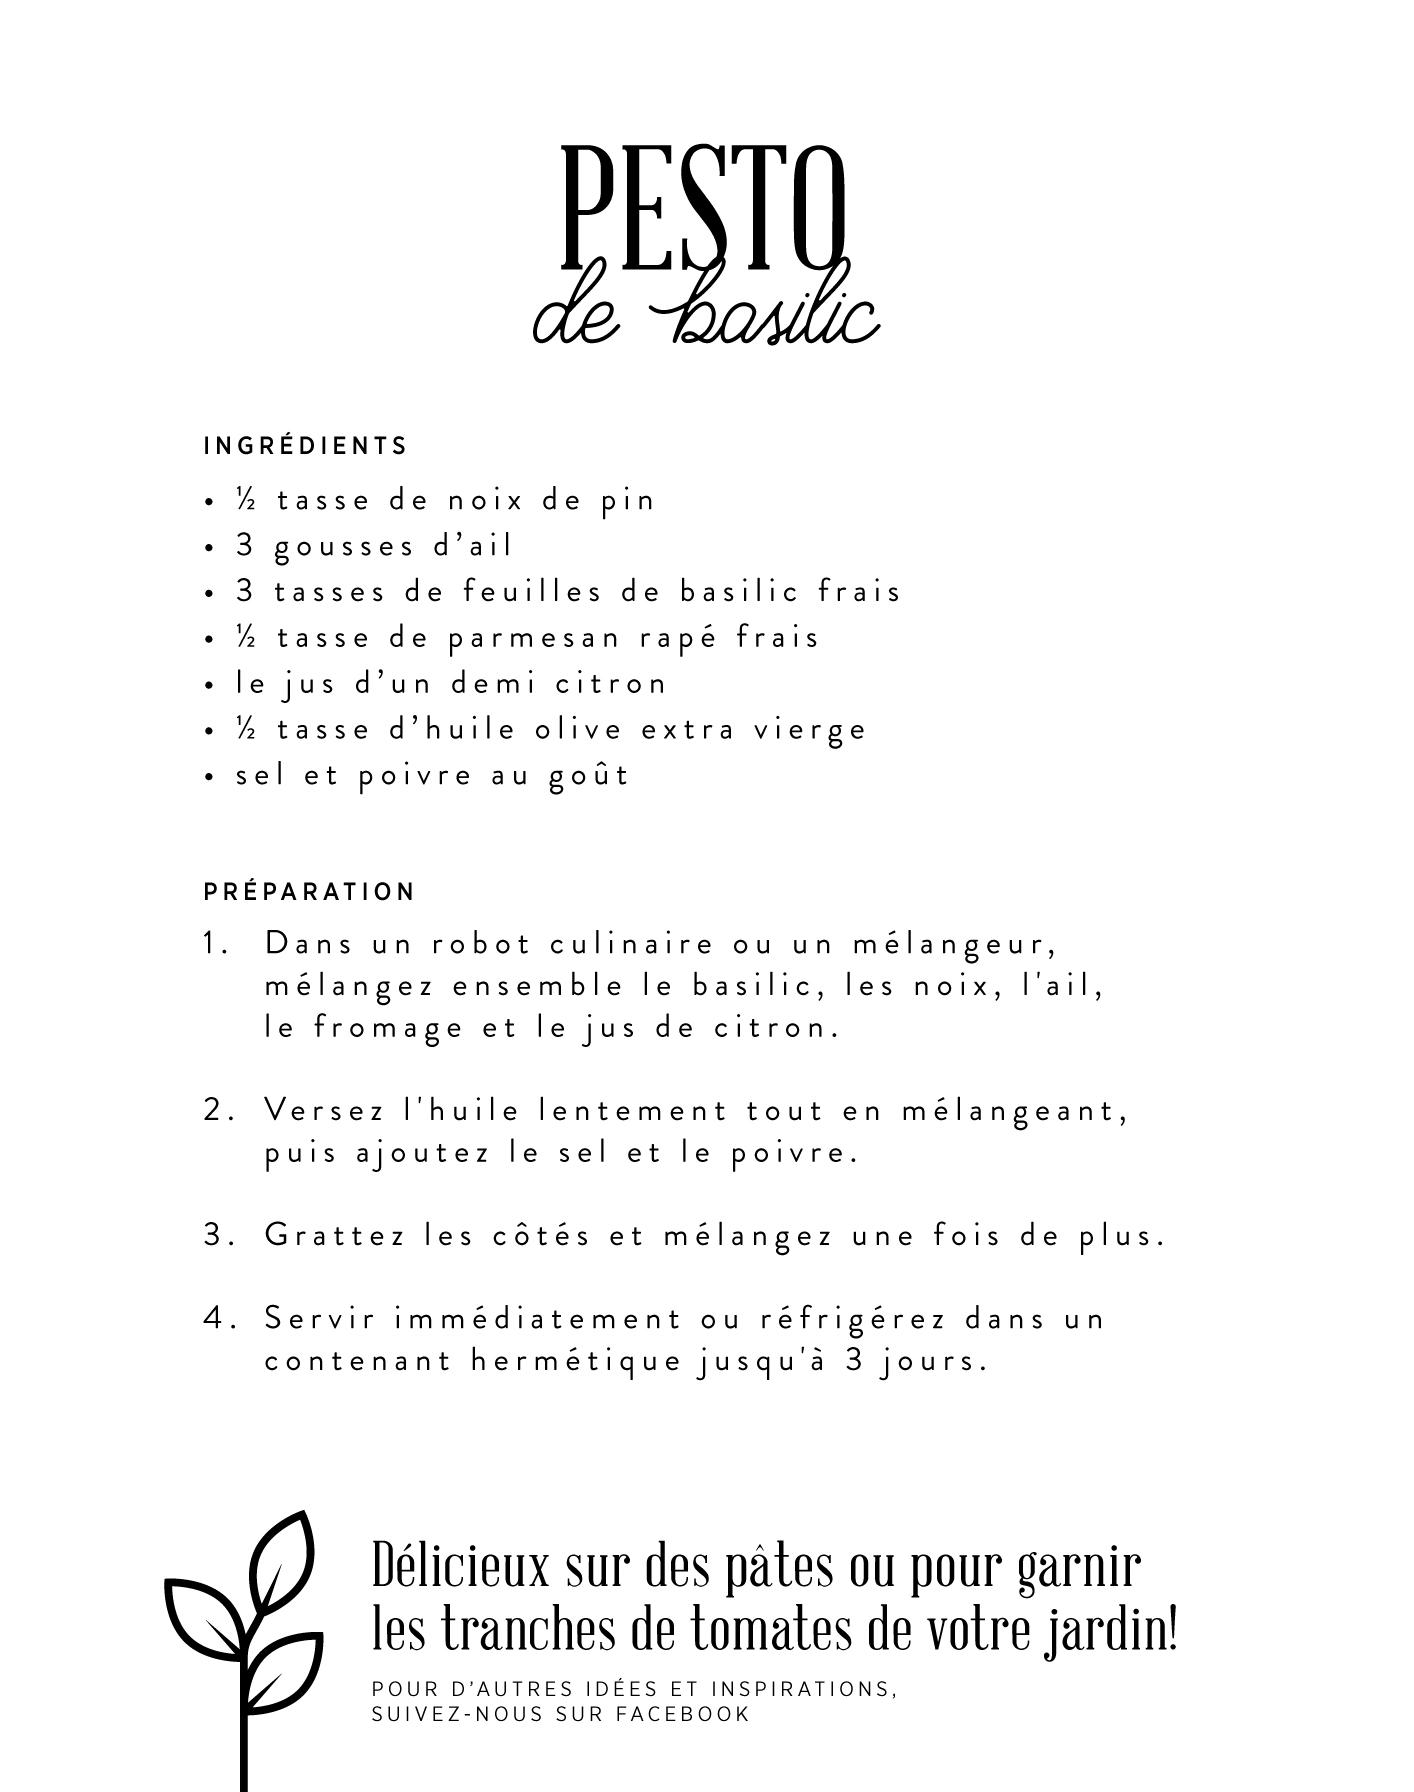 visuel-PESTO-verso-02.jpg